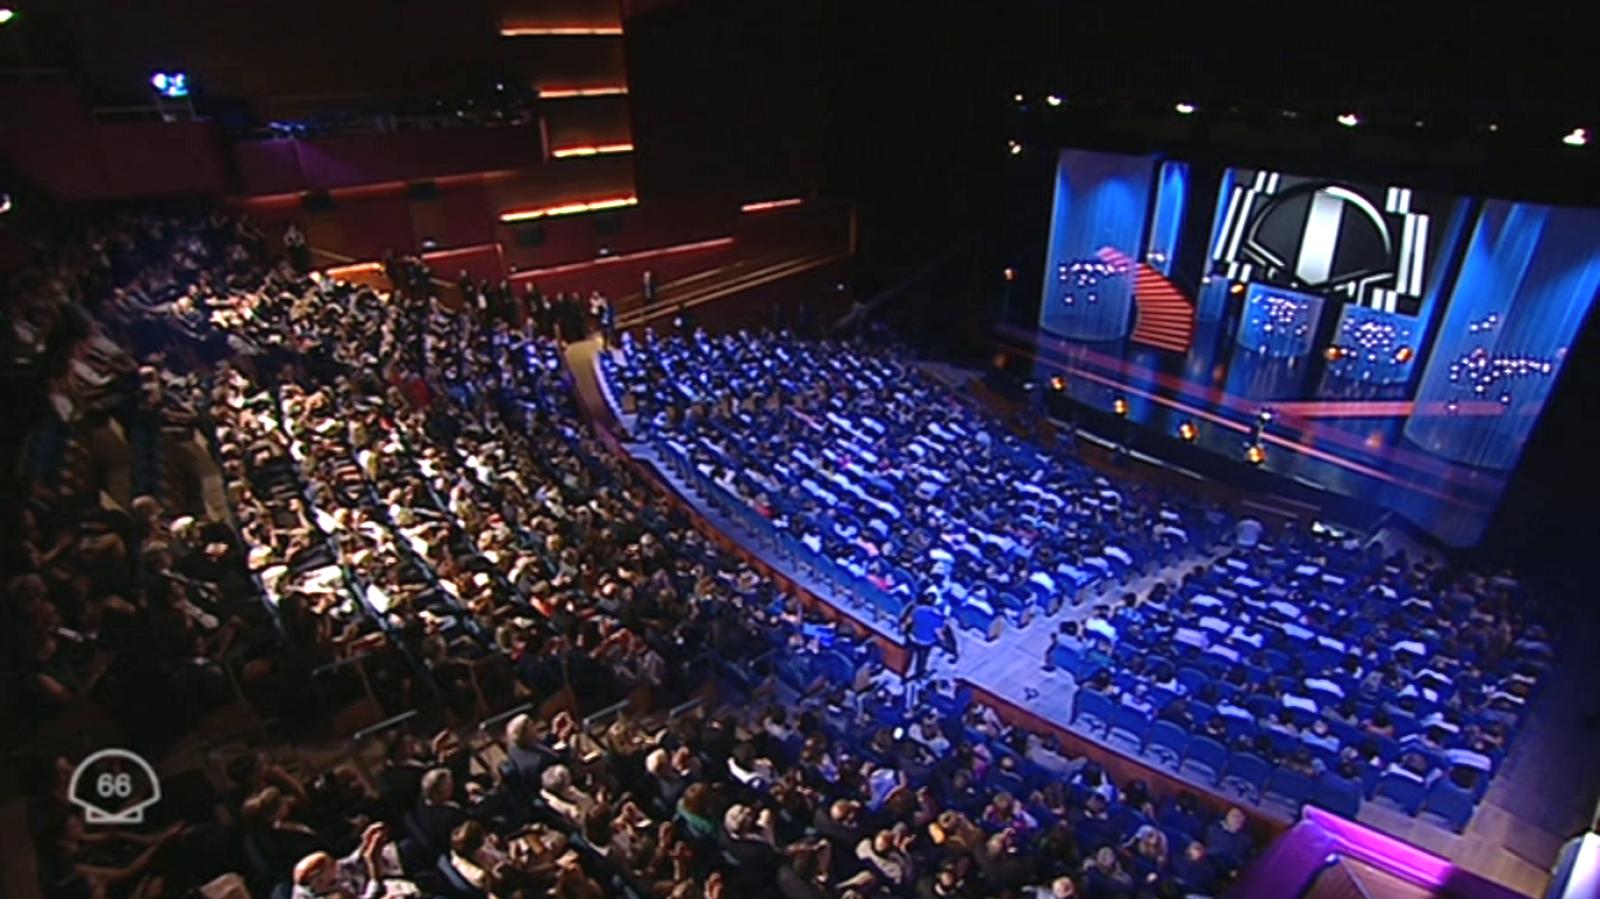 Festival de cine de San Sebastián 2018 - Gala de inauguración - ver ahora